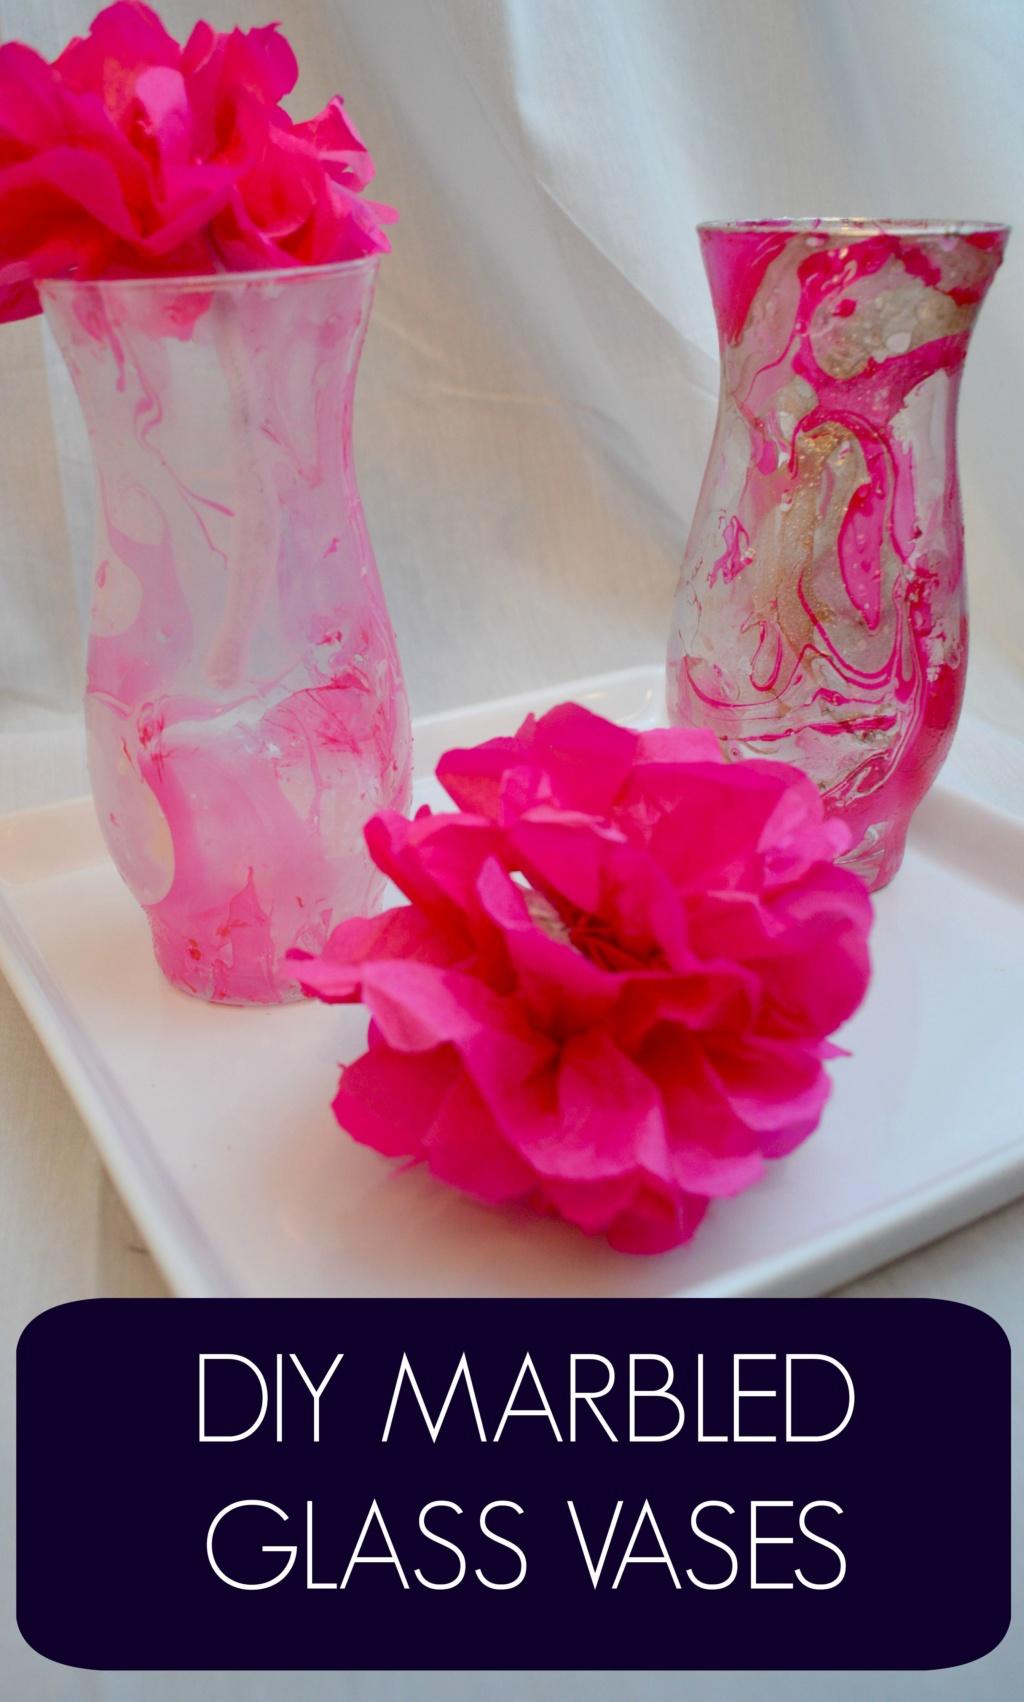 DIY Marbled Glass Vases